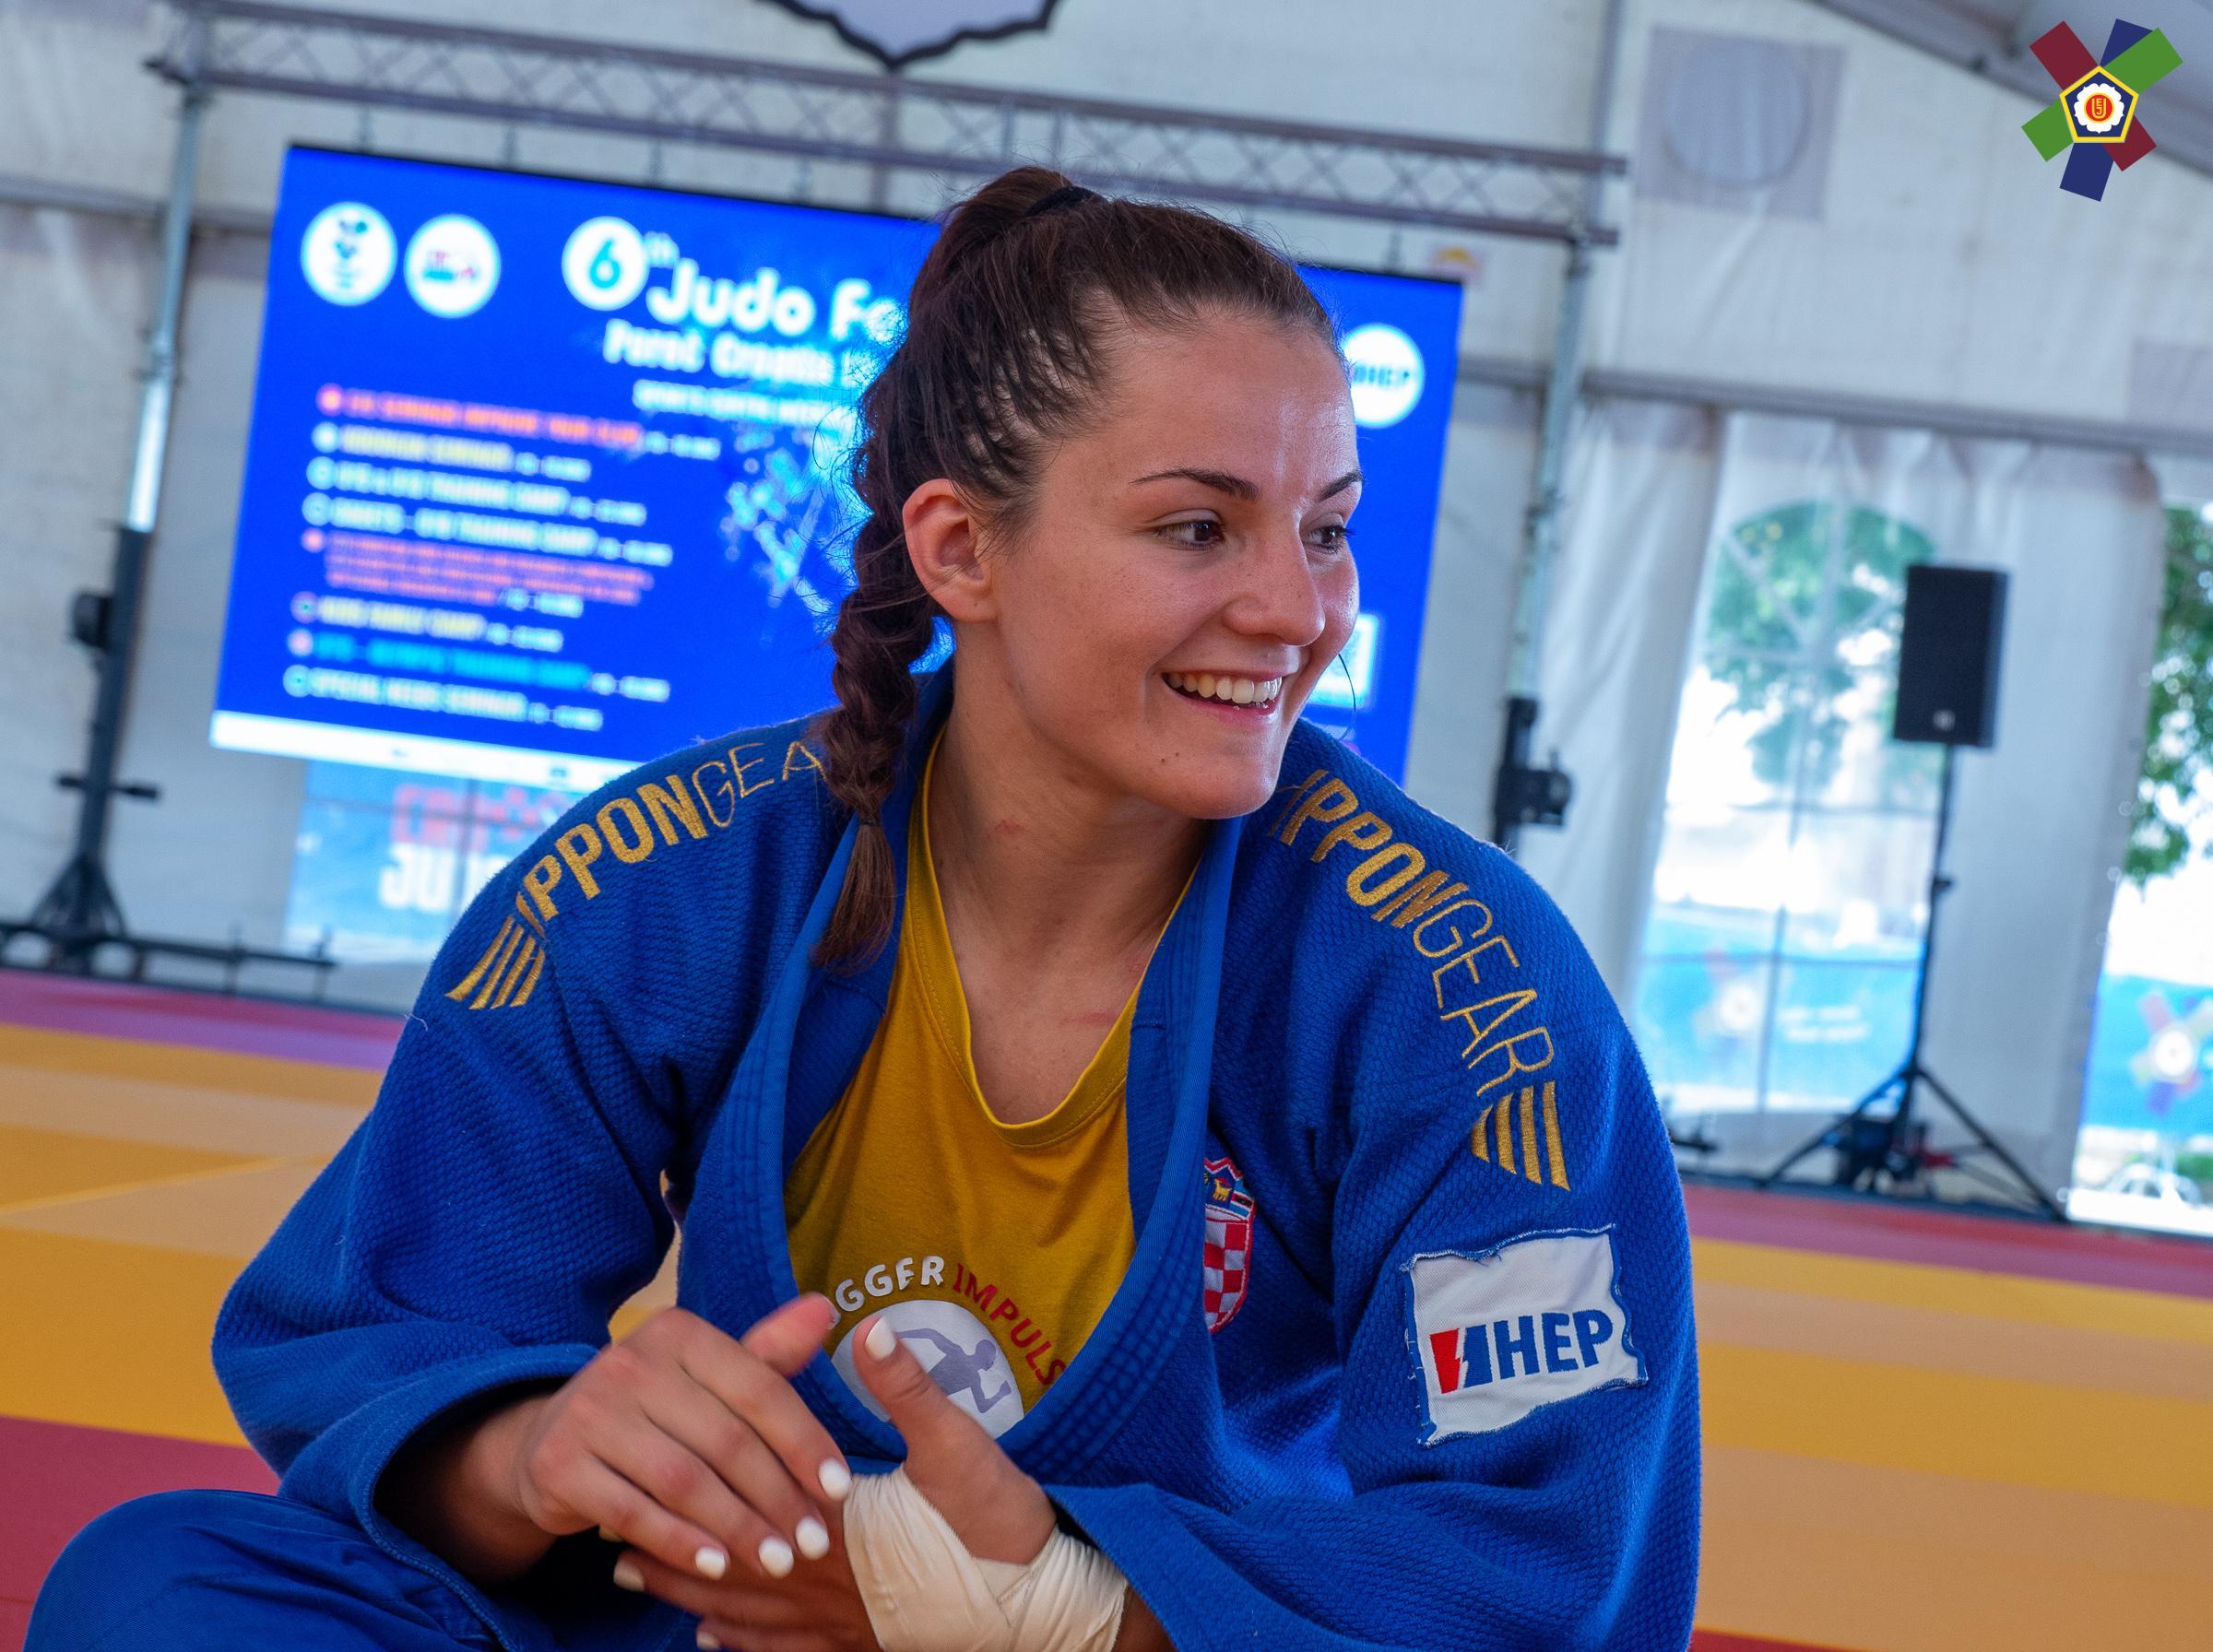 EJU-6th--Judo-Festival-Porec-2019-06-10-Sören-Starke-366027